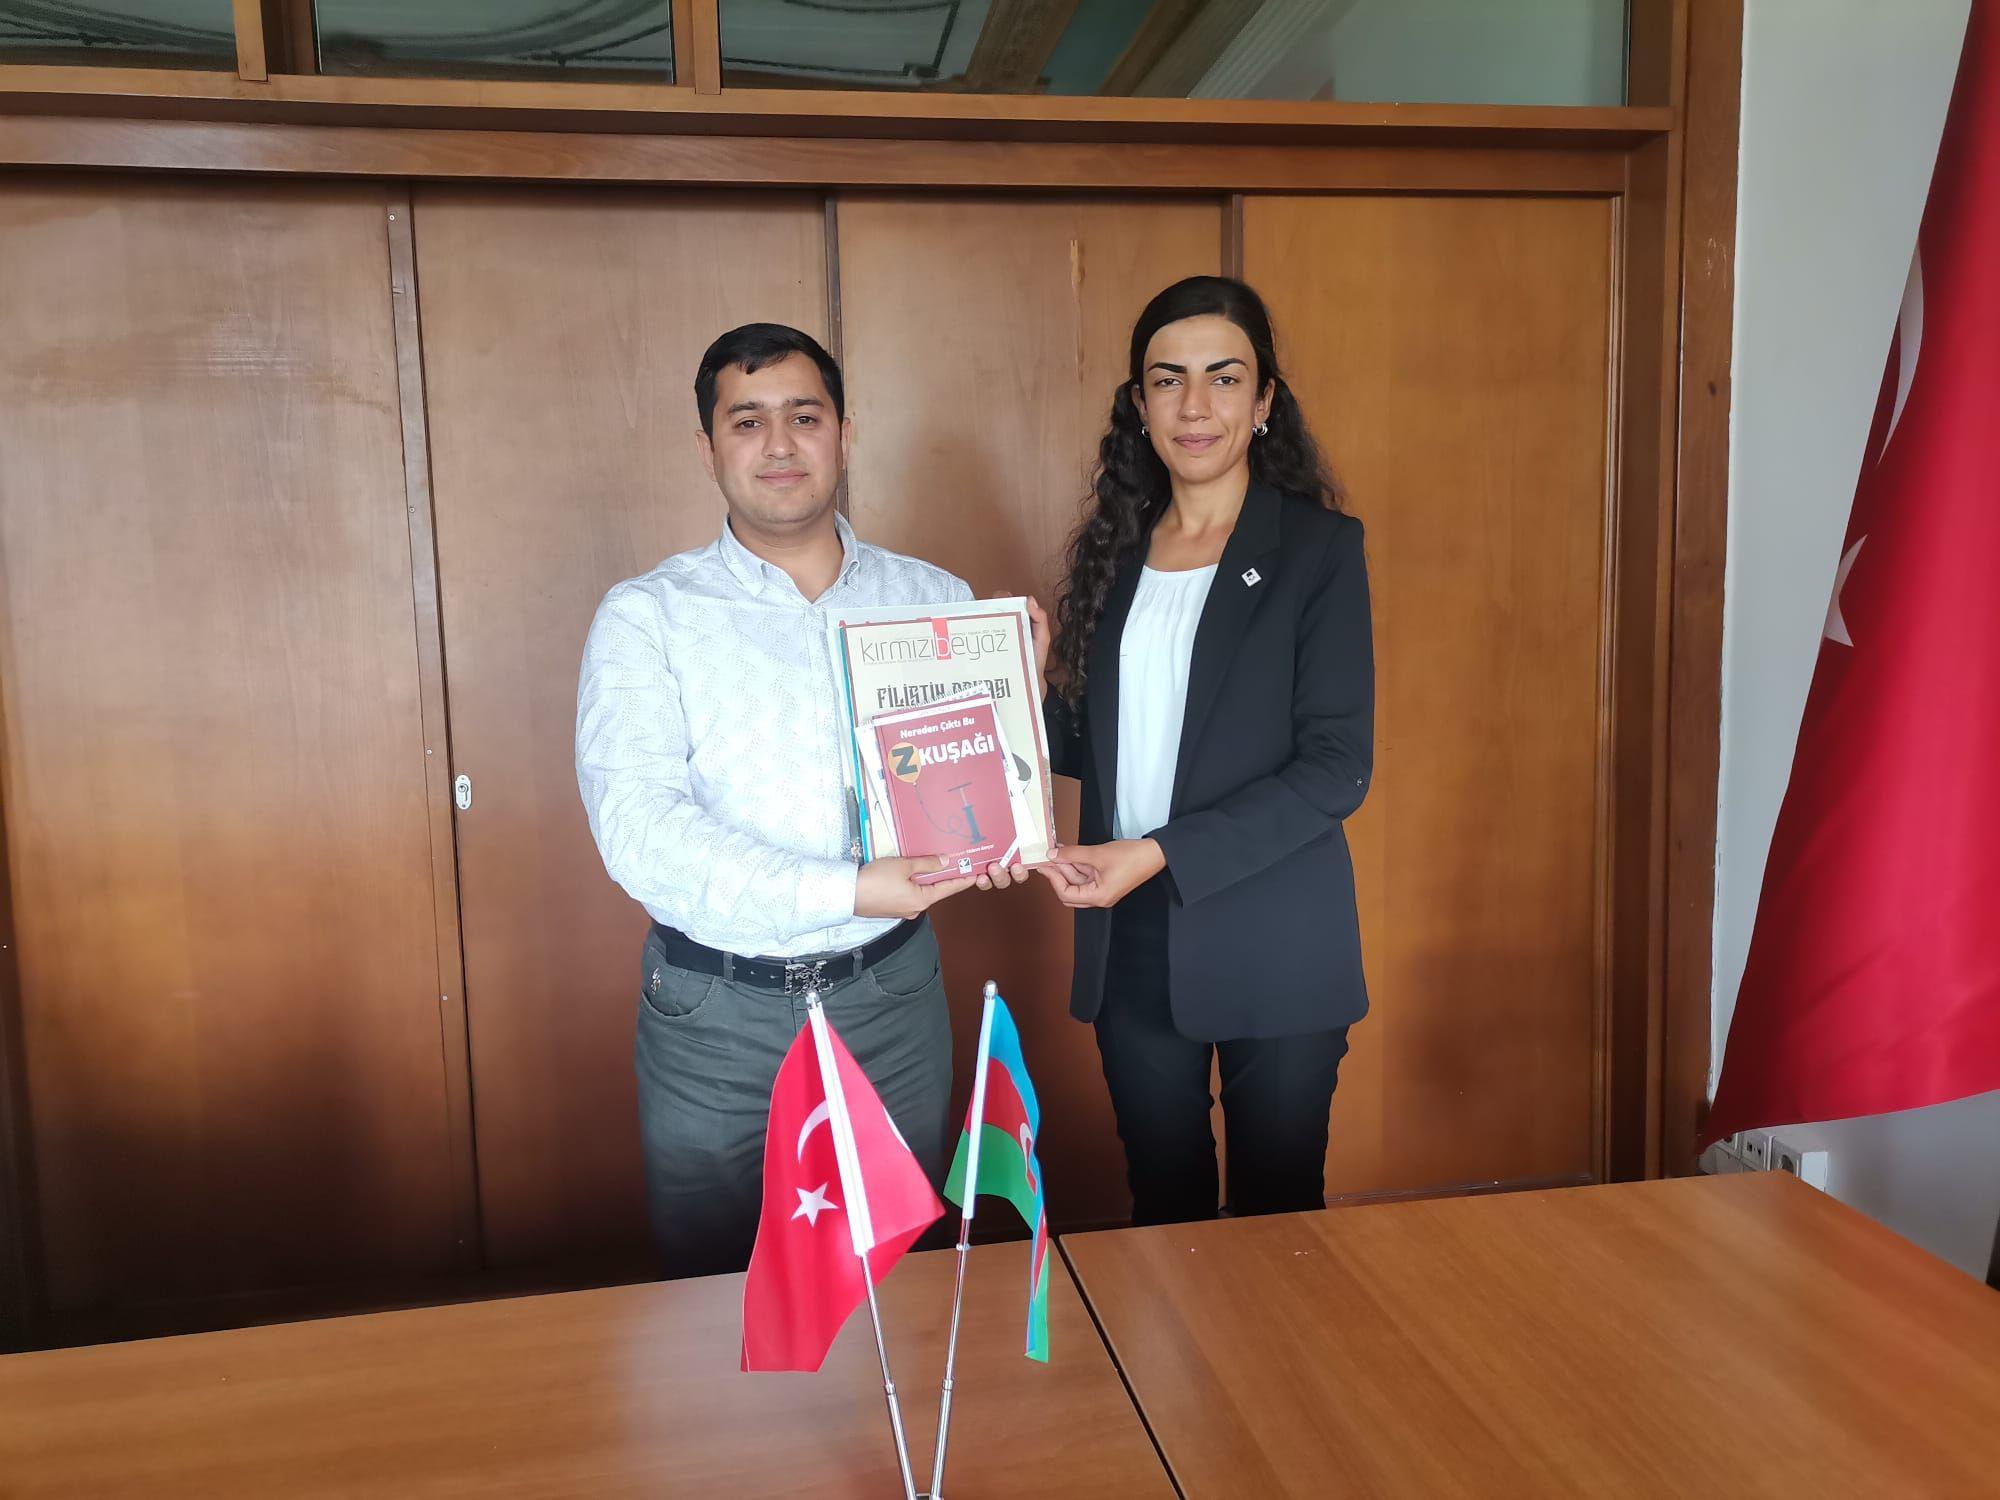 """EMPERYALİZME KARŞI MÜCADELE EDEN AZERBAYCAN VE TÜRK GENÇLERİ, """"KARDEŞLİK VE İŞ BİRLİĞİ ANLAŞMASI"""" İMZALAYACAK!"""